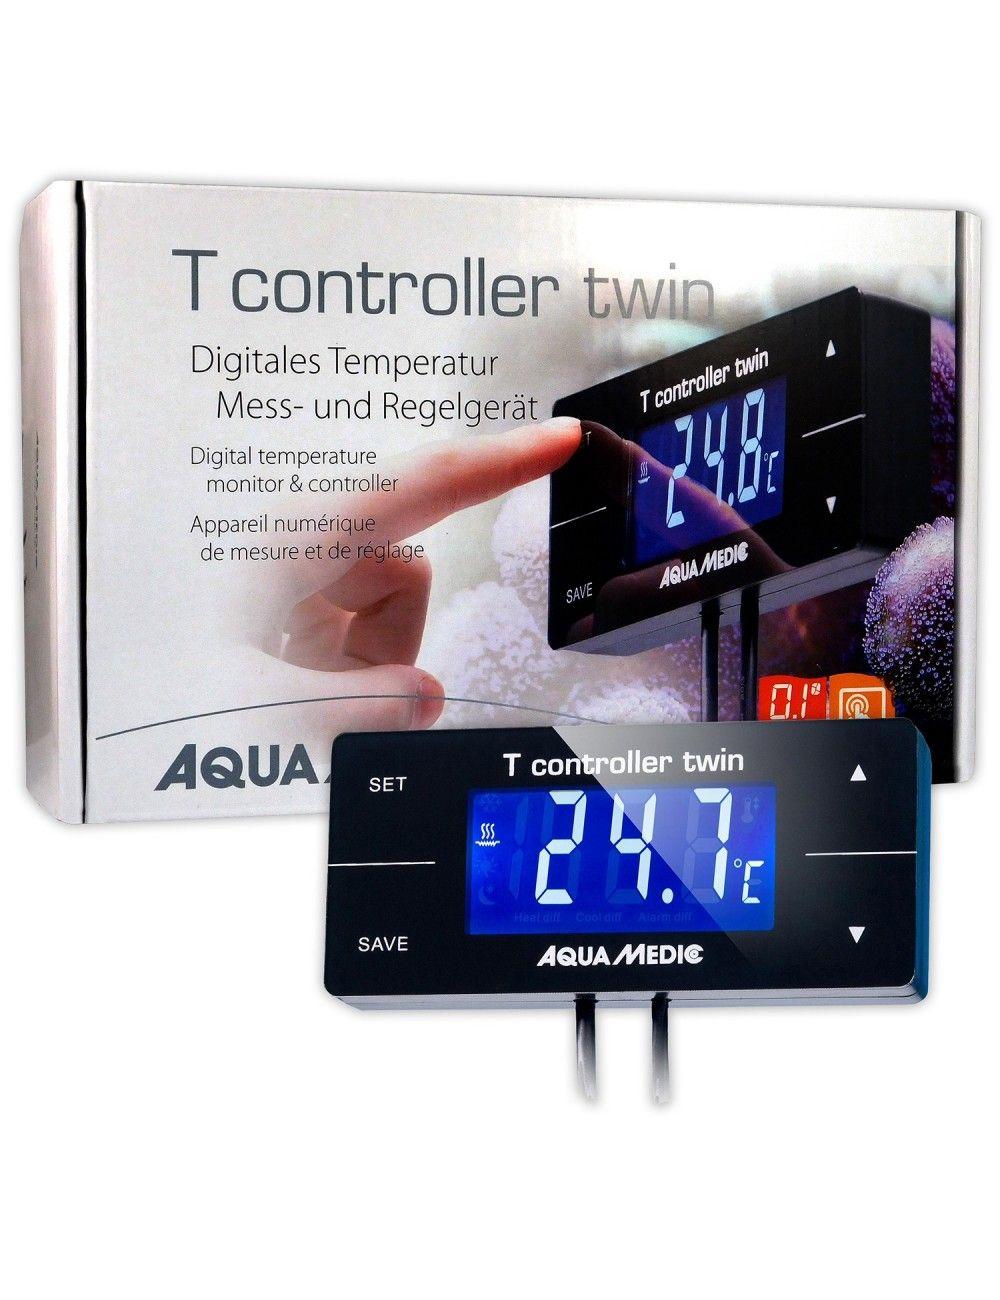 AQUA-MEDIC - T controller twin